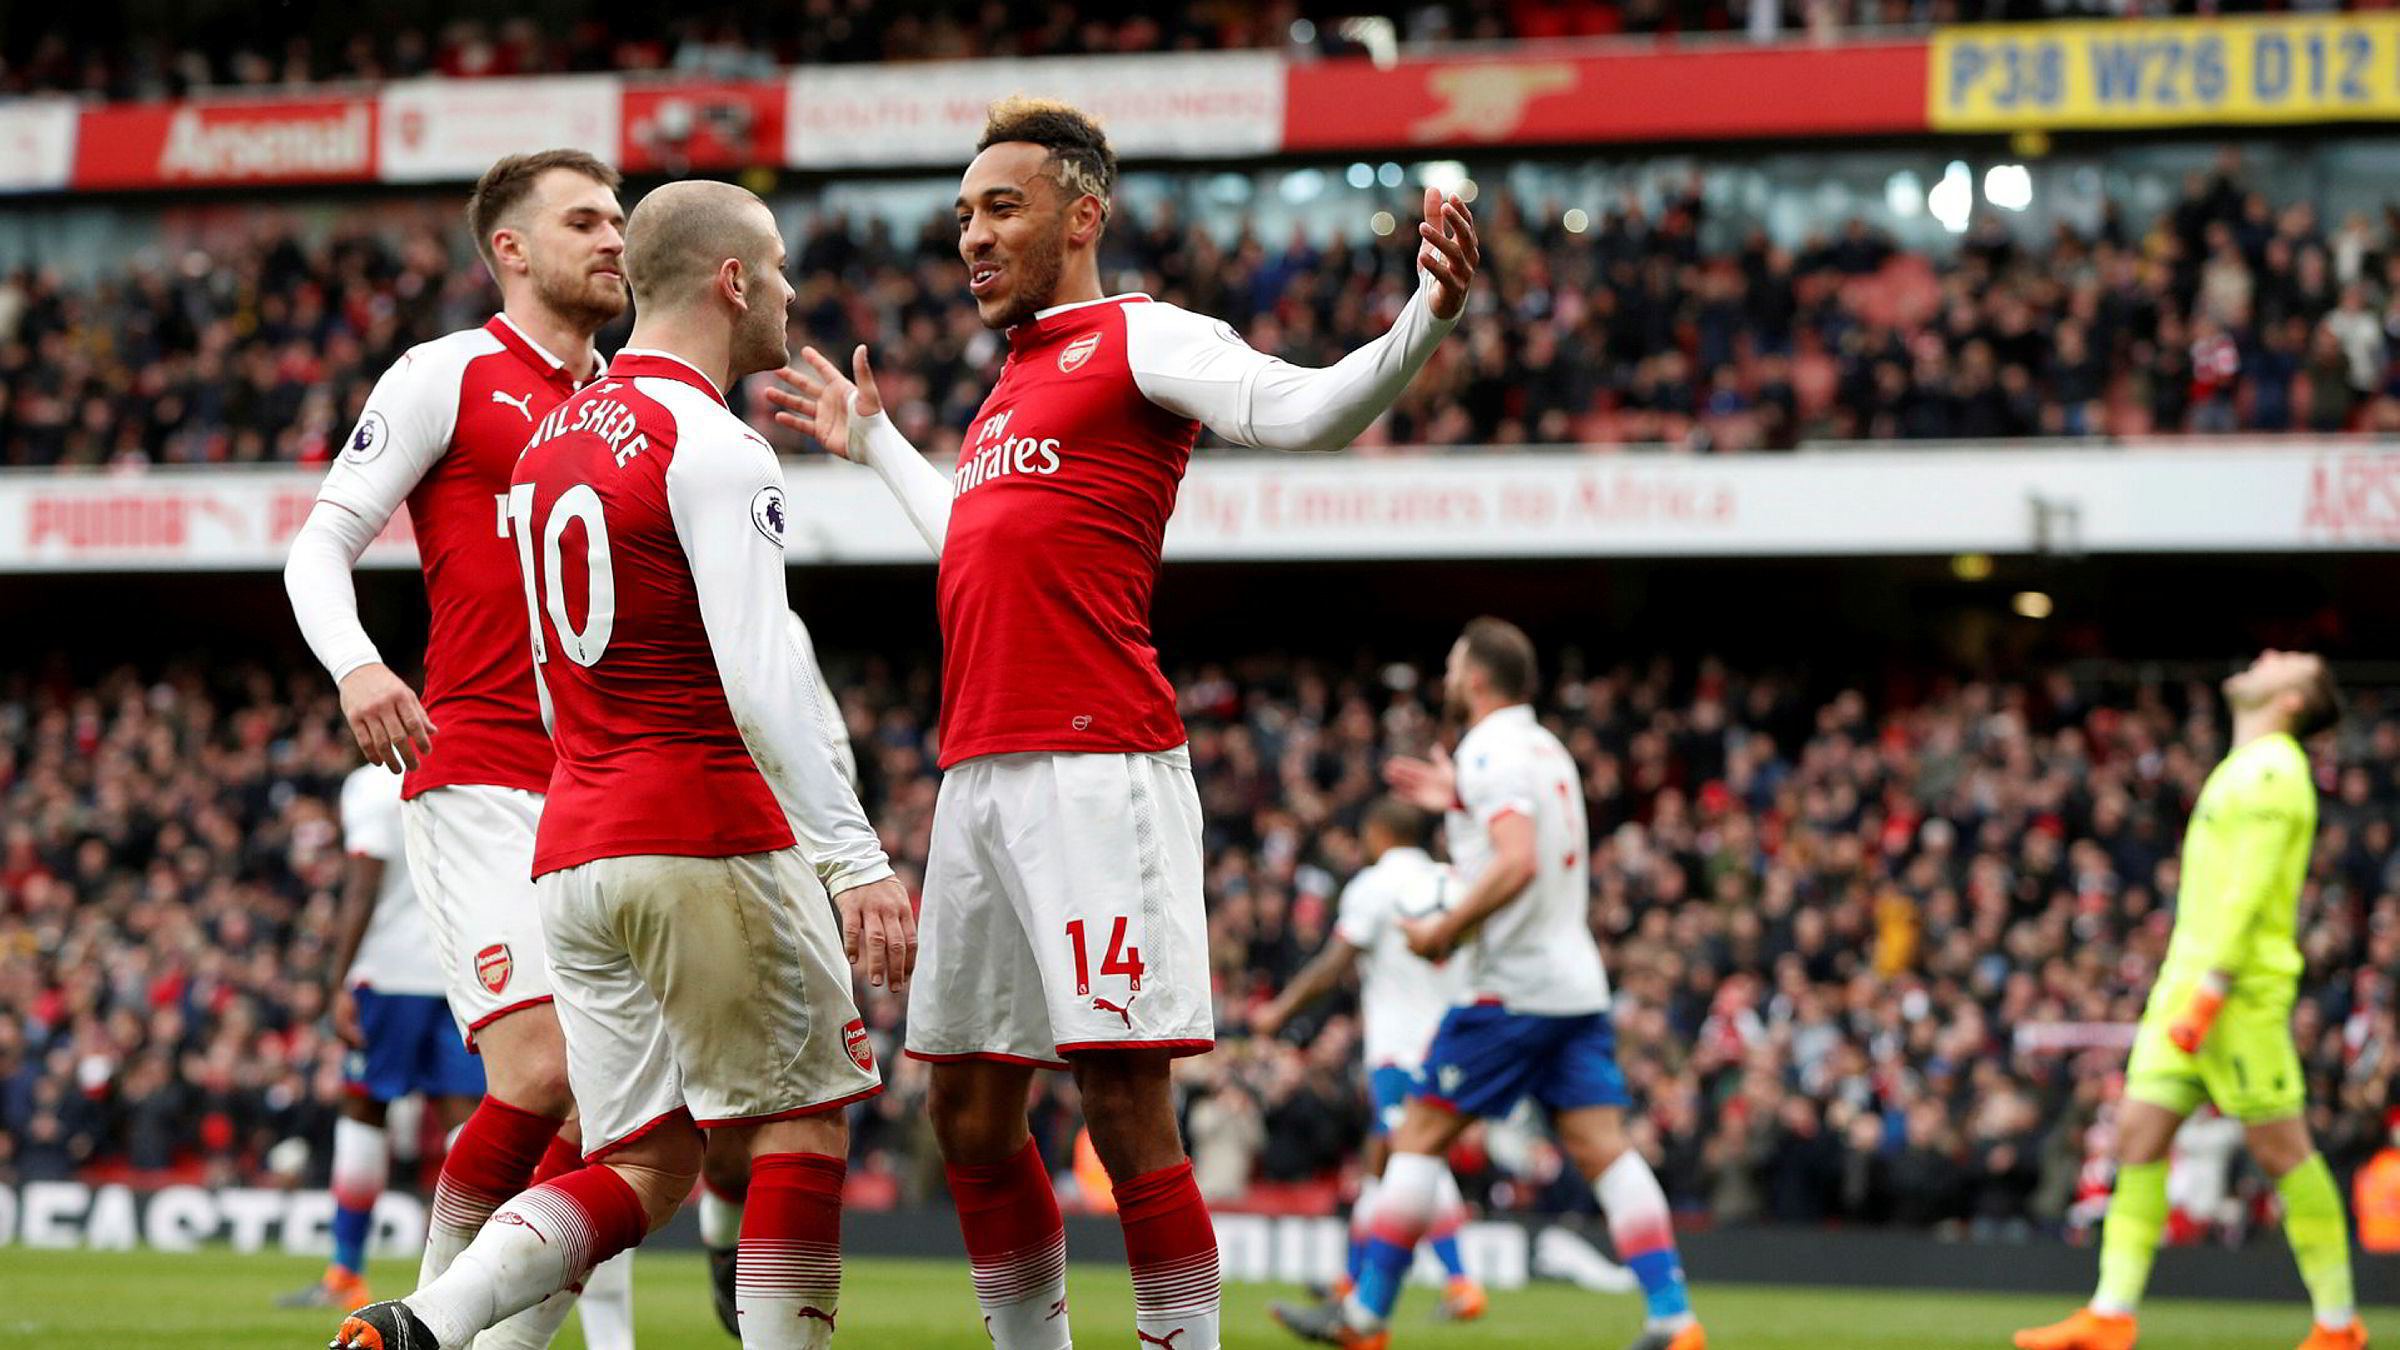 TV 2 har vunnet kampen om å sende kampene til Arsenal og de andre lagene i engelsk Premier League frem til 2022. Kanalen lover kundene at prisen på fotballproduktet ikke vil øke med det første.